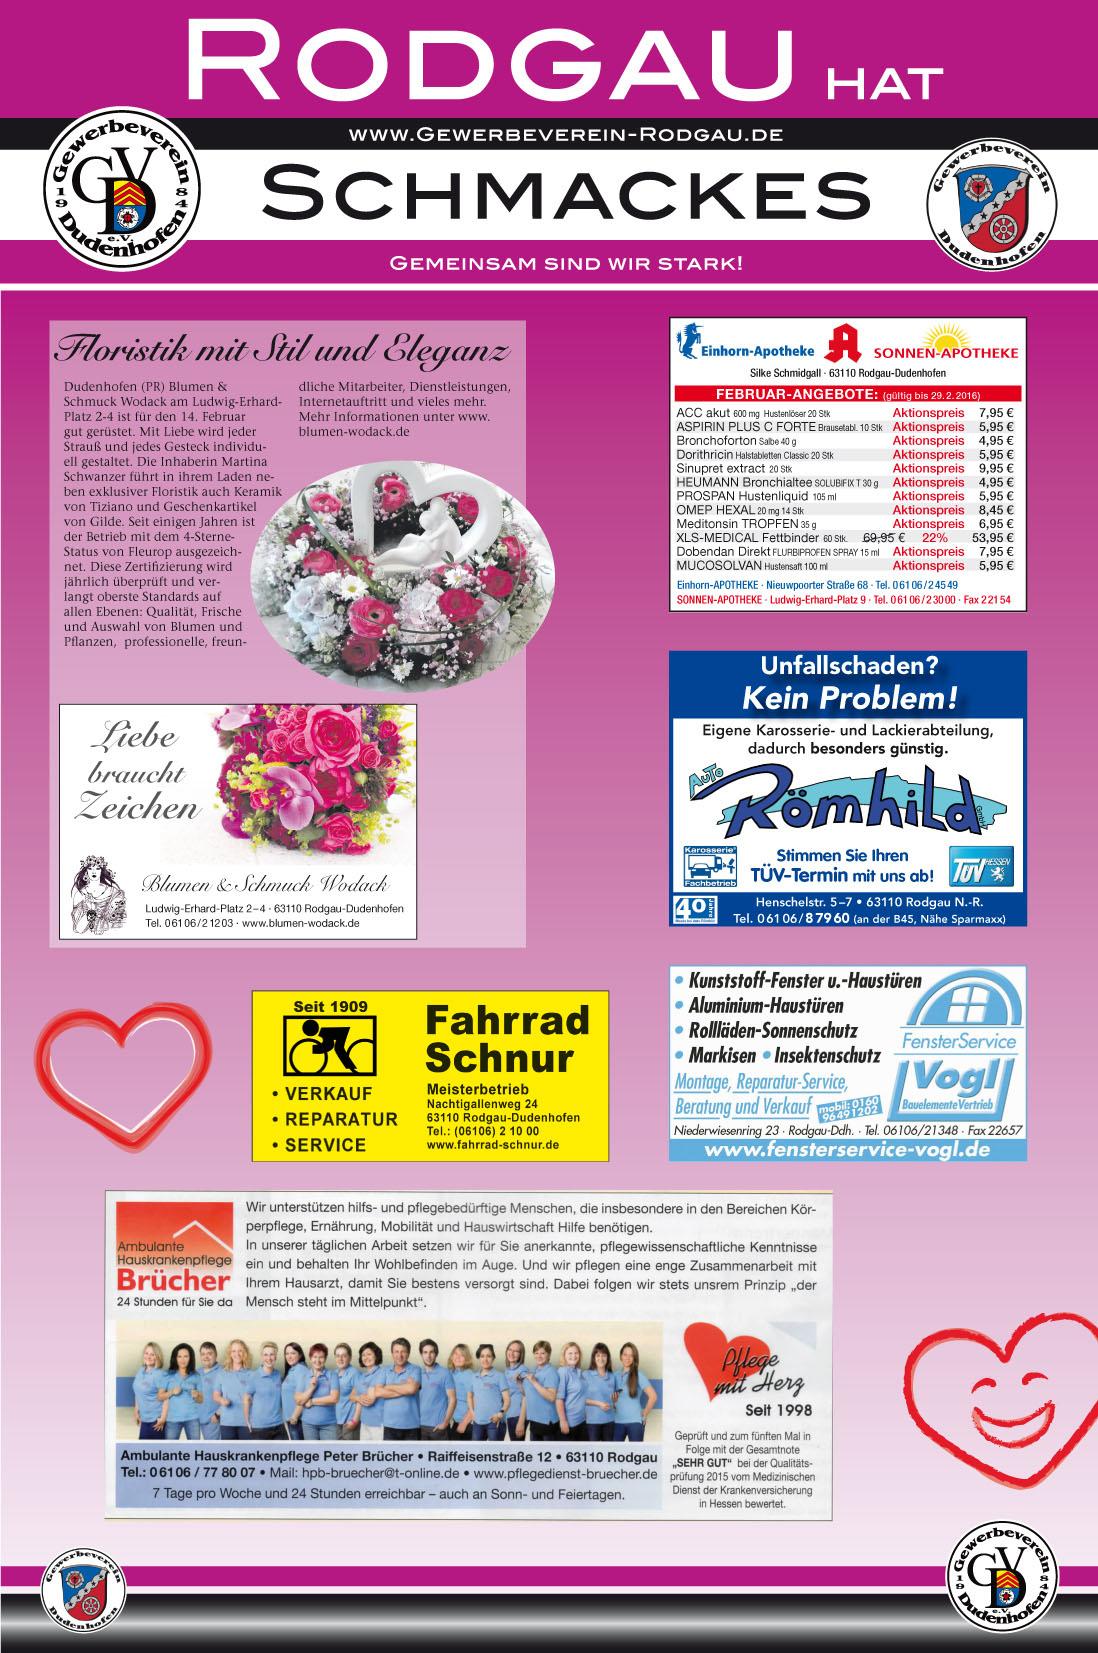 Rodgau Hat Schmackes Zeitungsanzeige Und Werbung Vom Gewerbeverein